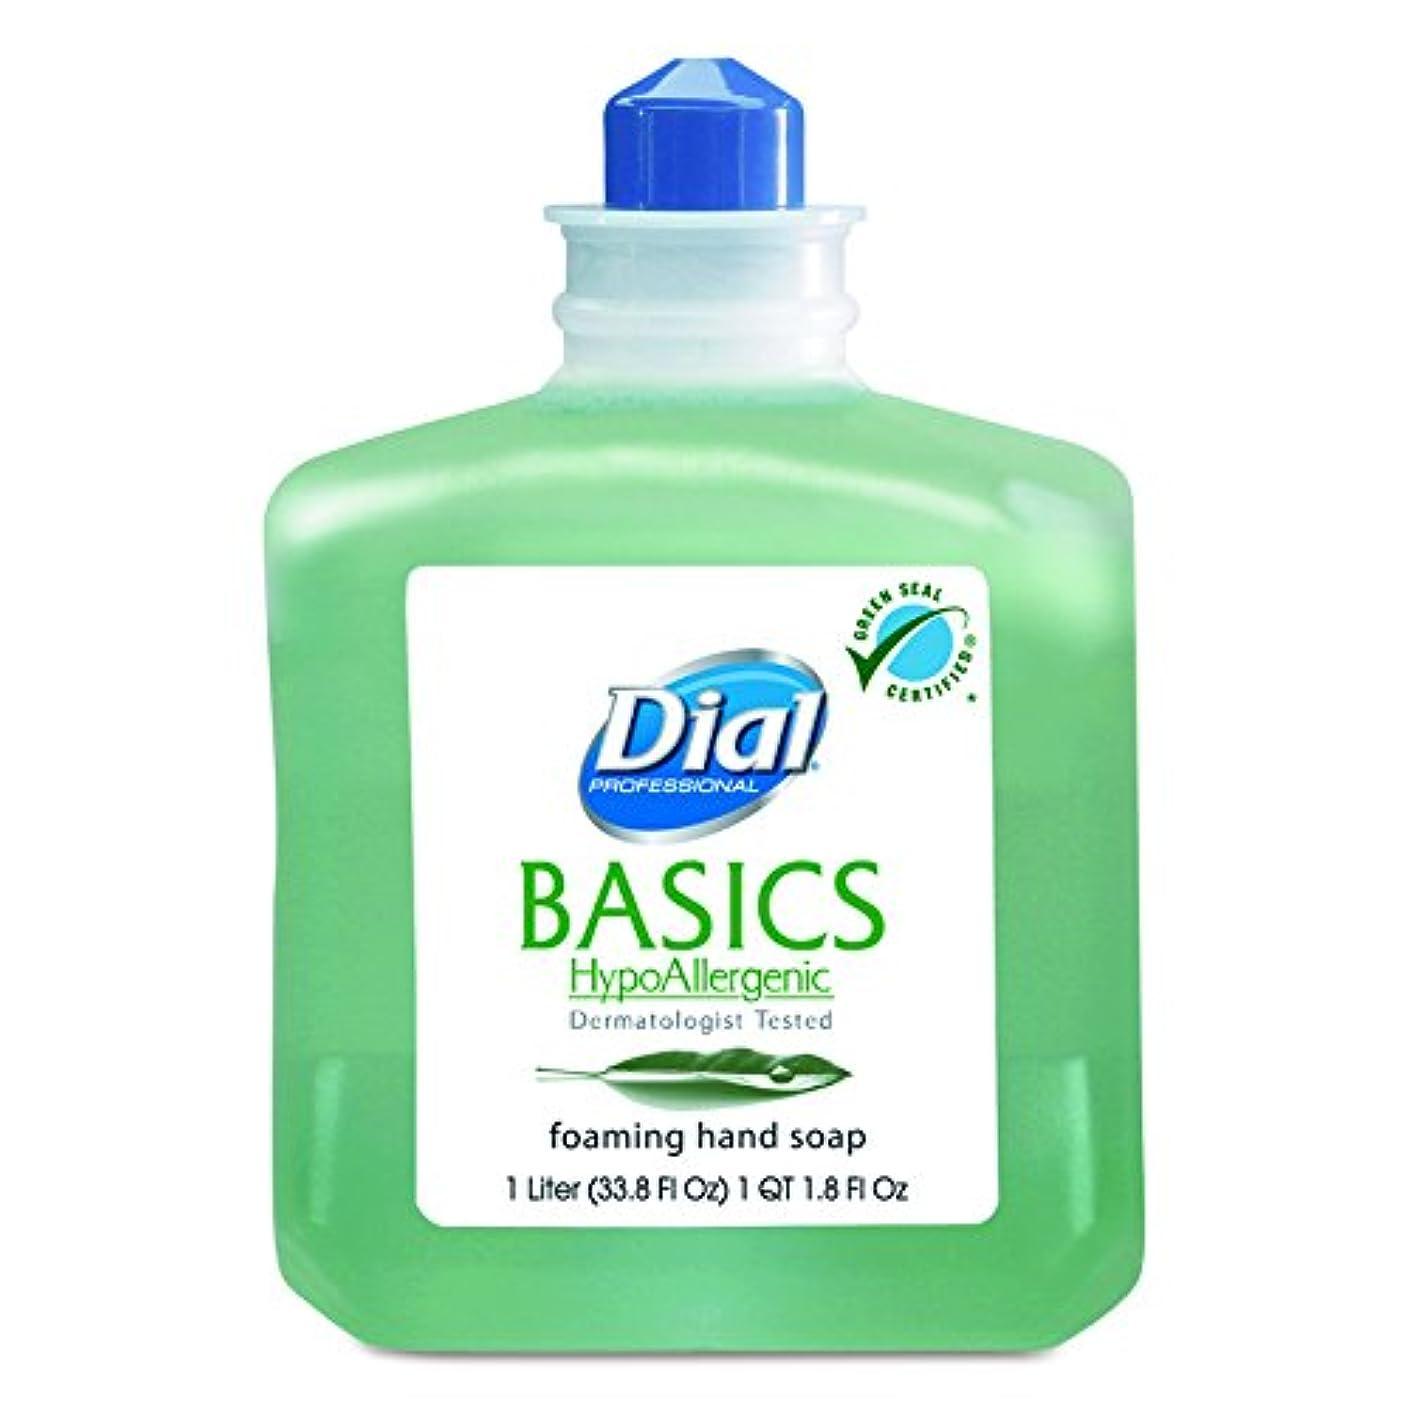 チャンピオンシップハプニング地域Basics Foaming Hand Soap Refill, 1000 mL, Honeysuckle (並行輸入品)